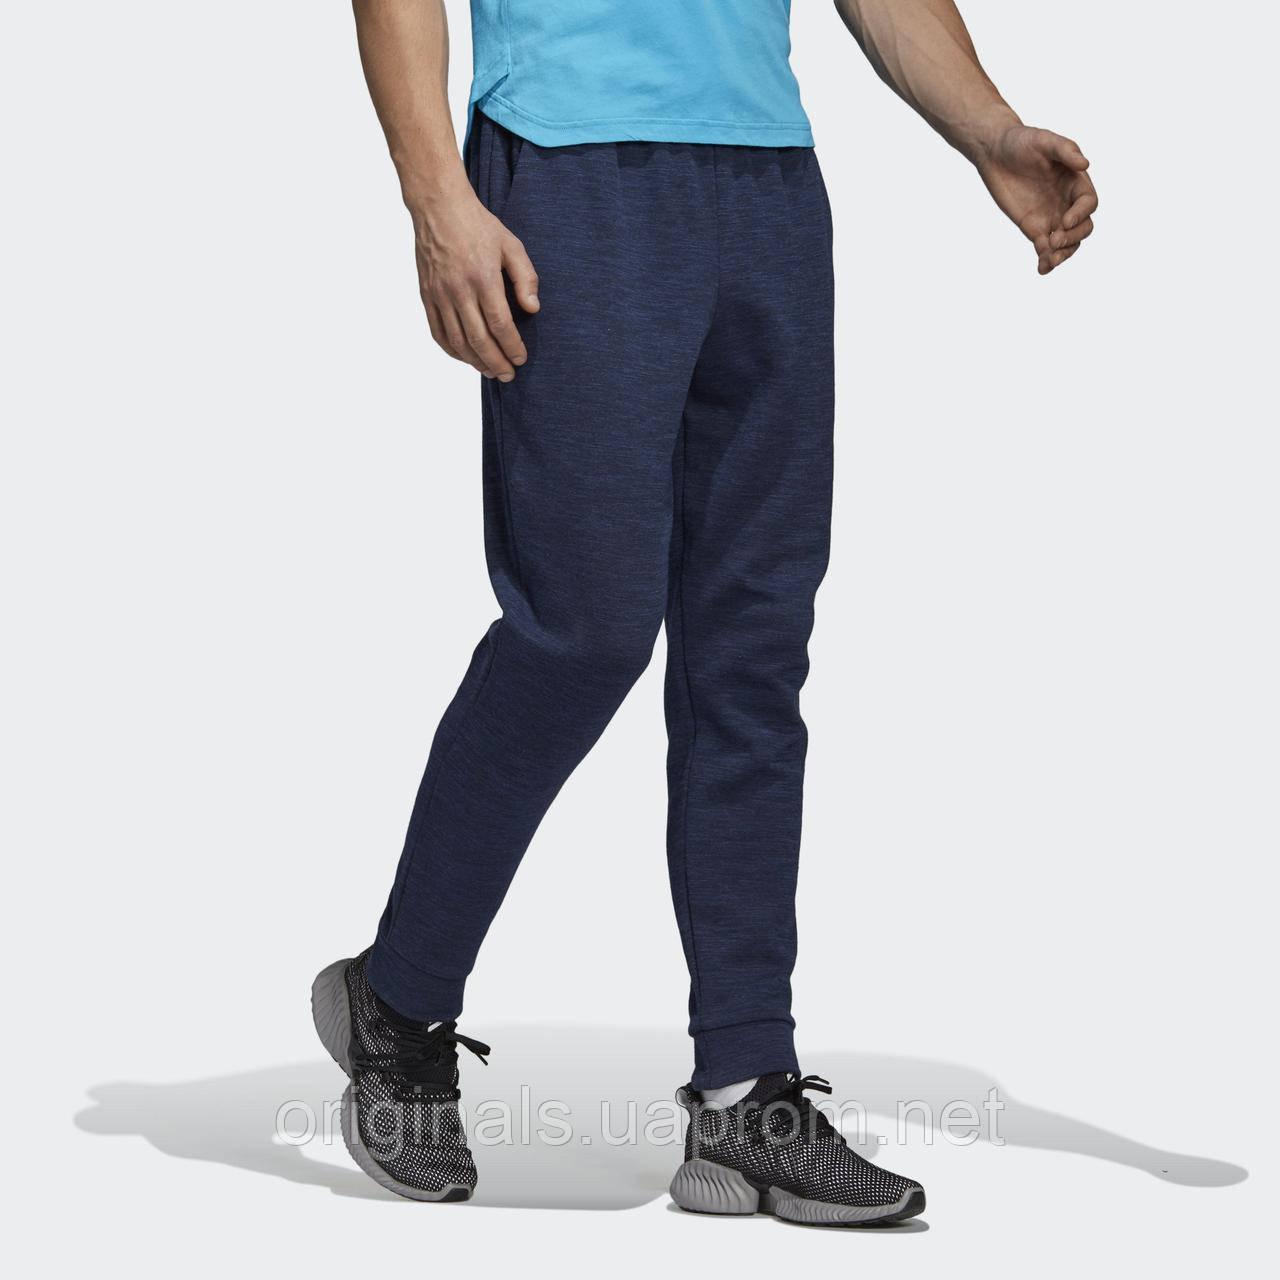 Спортивные штаны Adidas ID Stadium DU1149